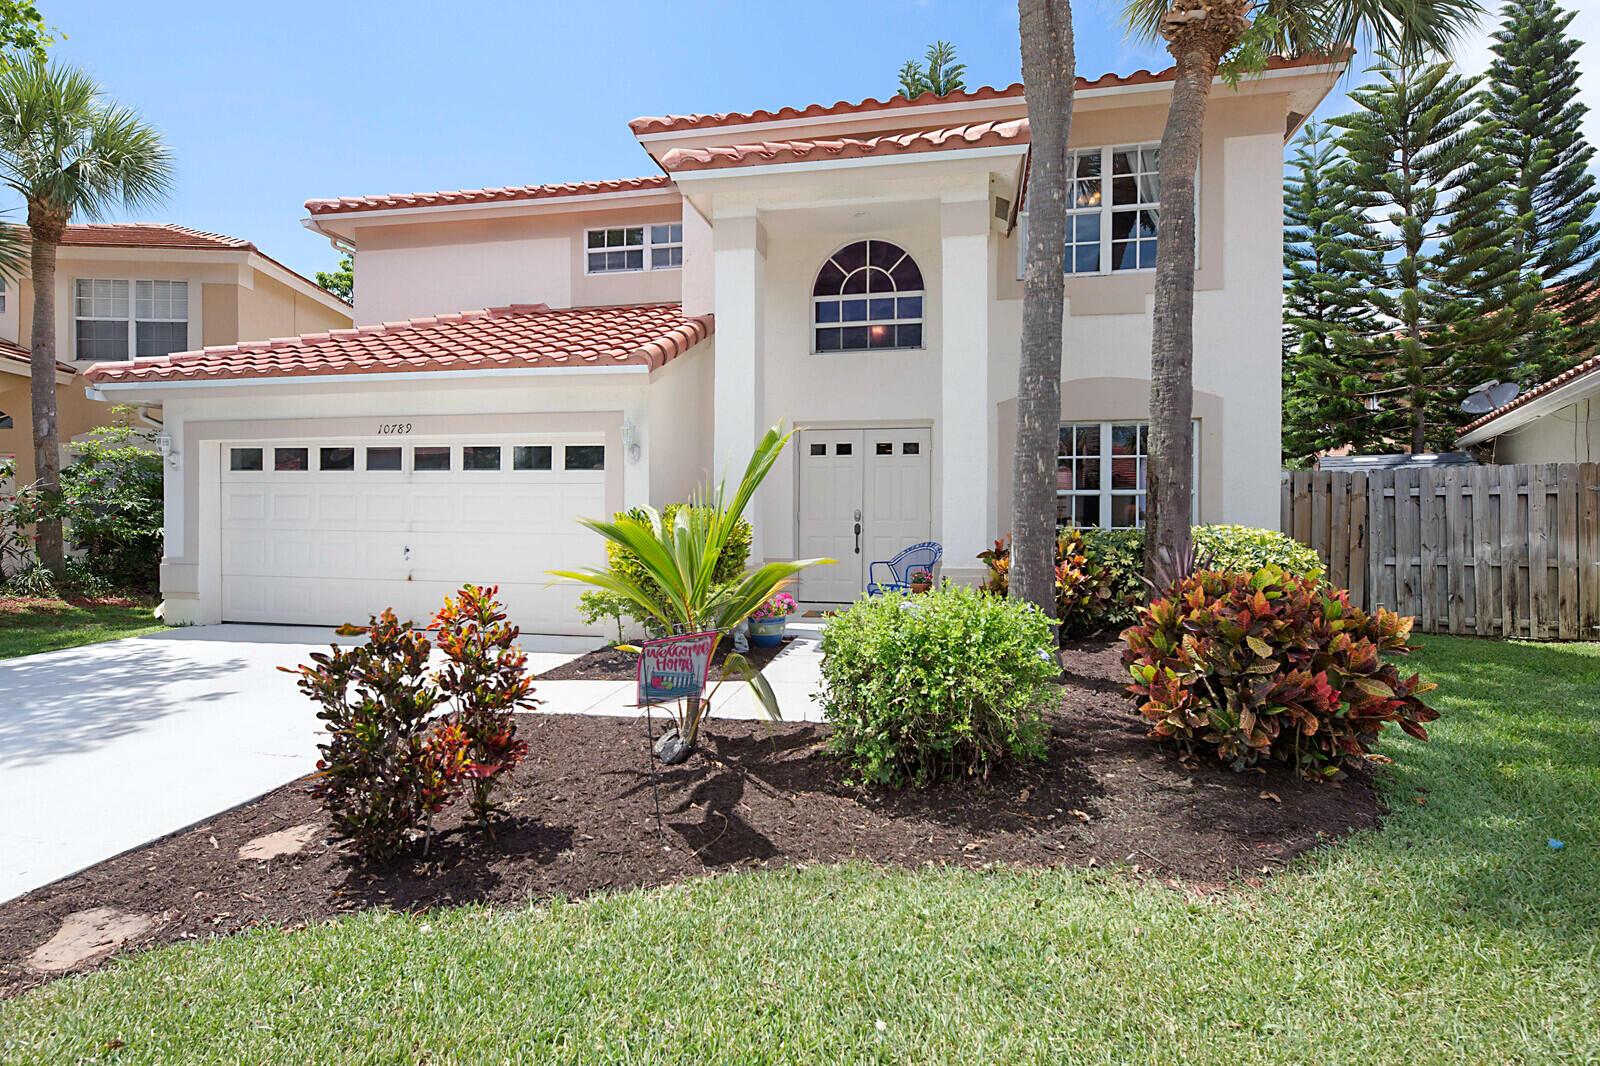 10789 Cypress Lake Terrace Boca Raton, FL 33498